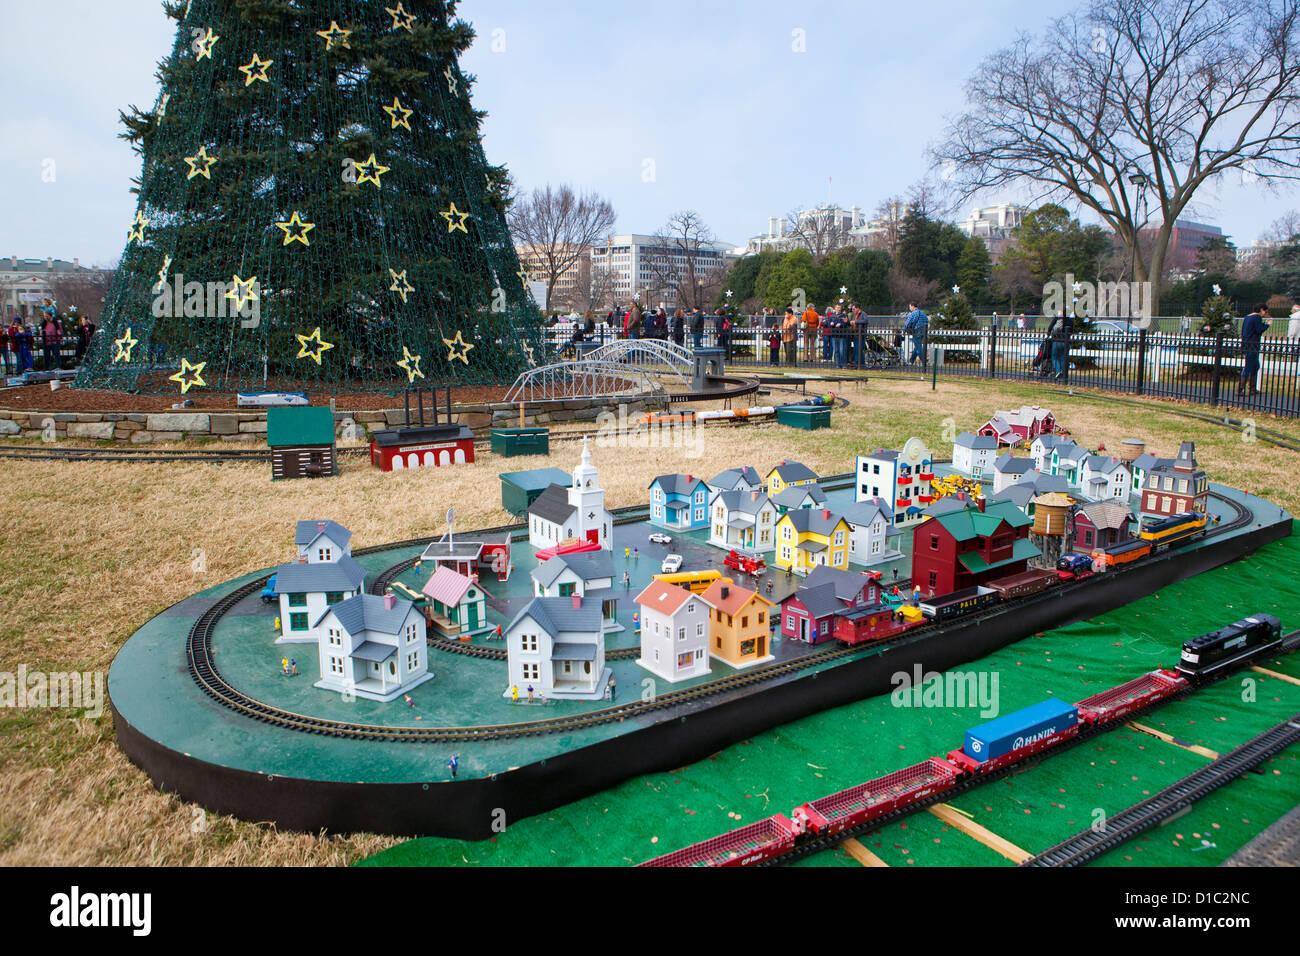 2012 National albero di Natale e il modello di treno presentano - Washington, DC Immagini Stock